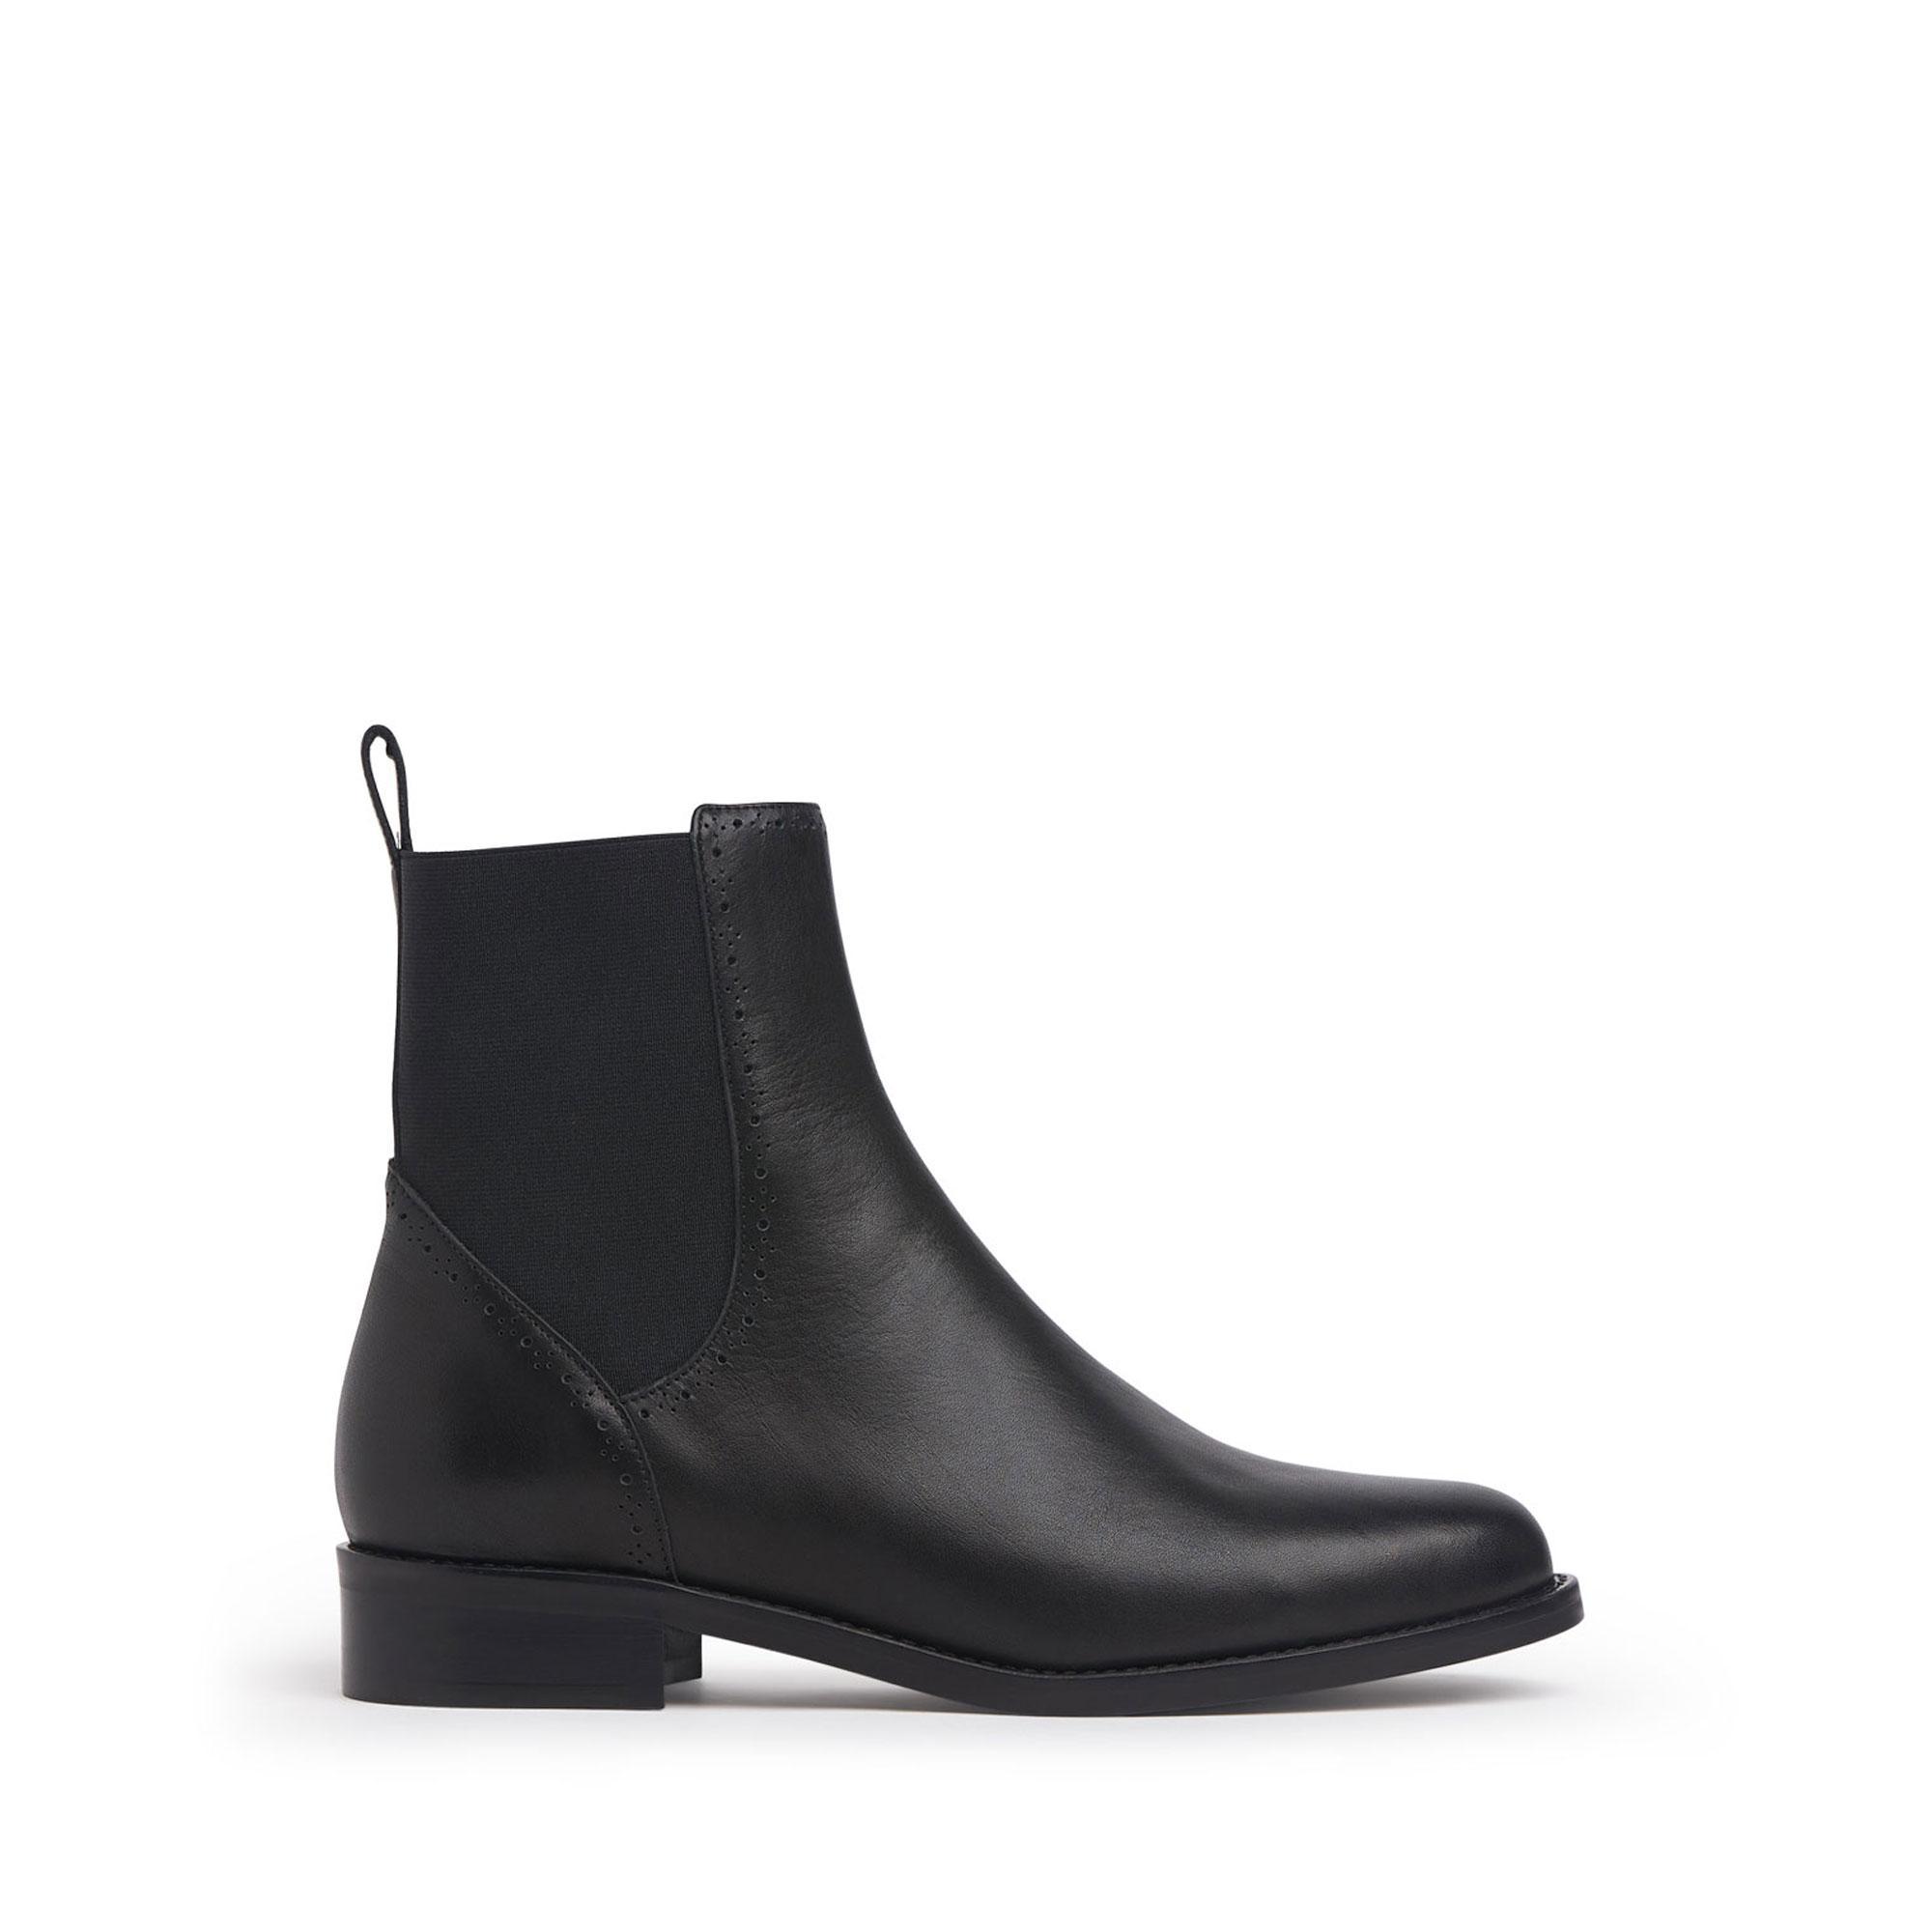 April Chelsea Boots